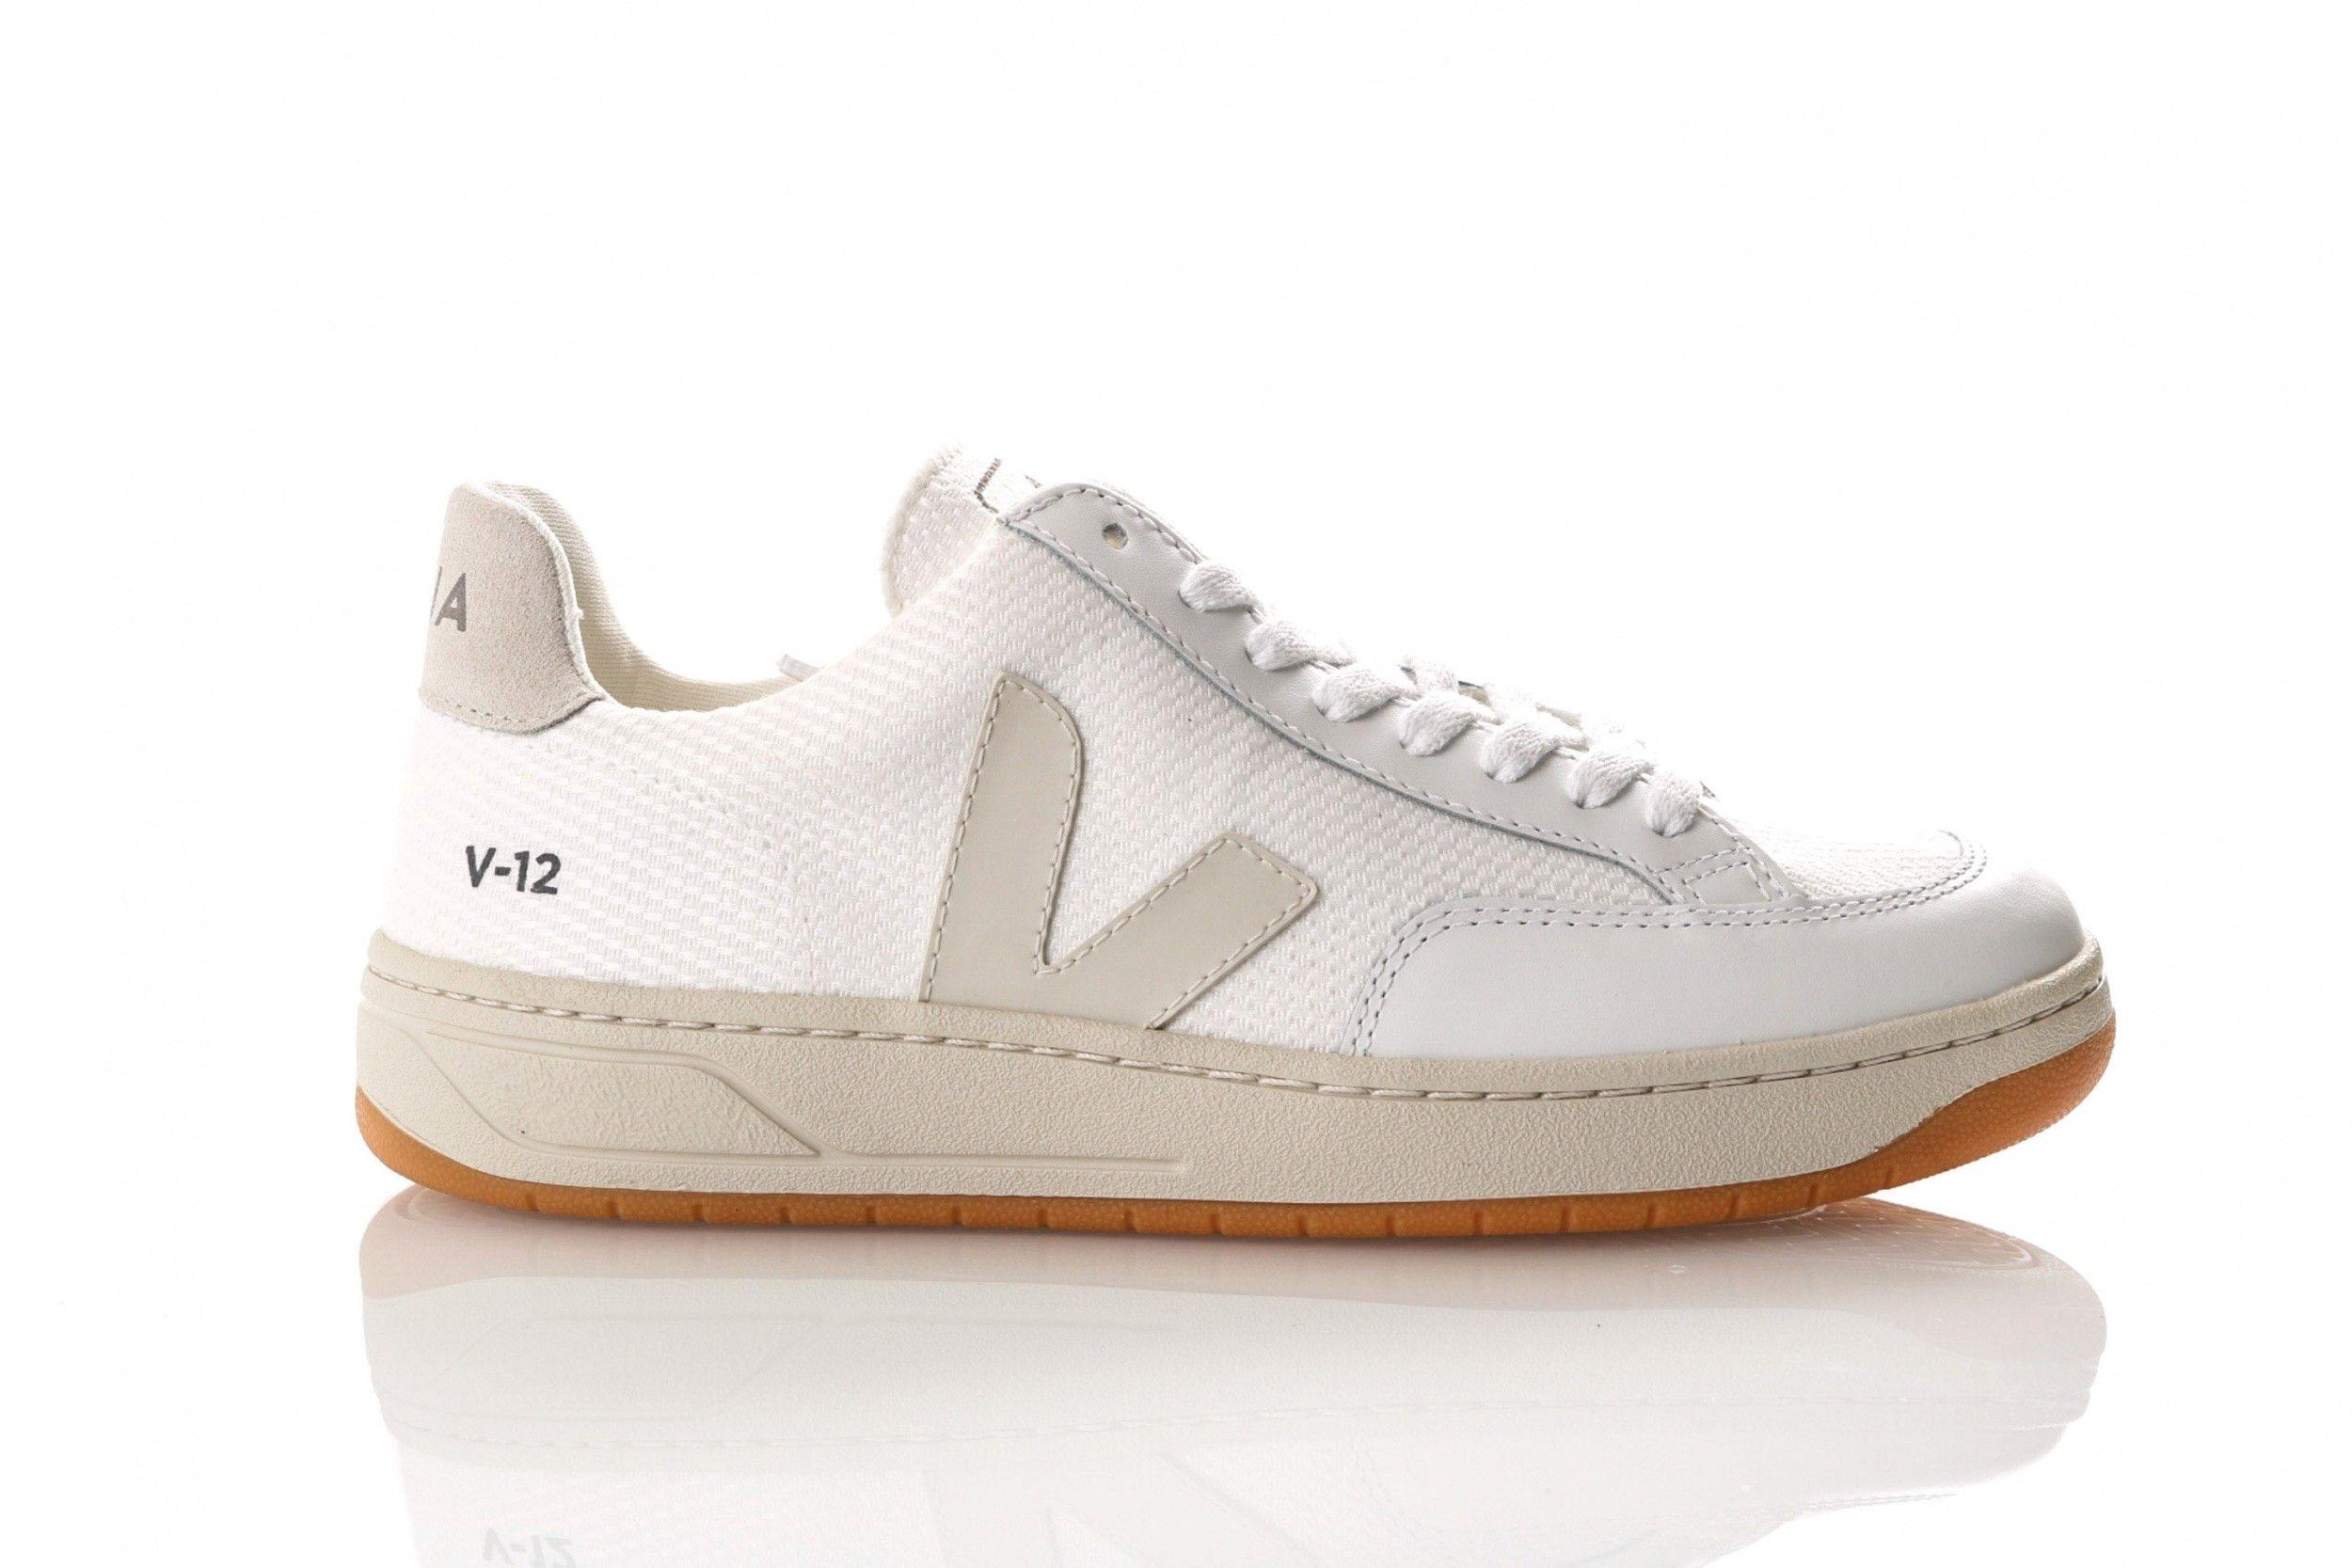 Afbeelding van Veja V-12 Xd011535 Sneakers White / Natural